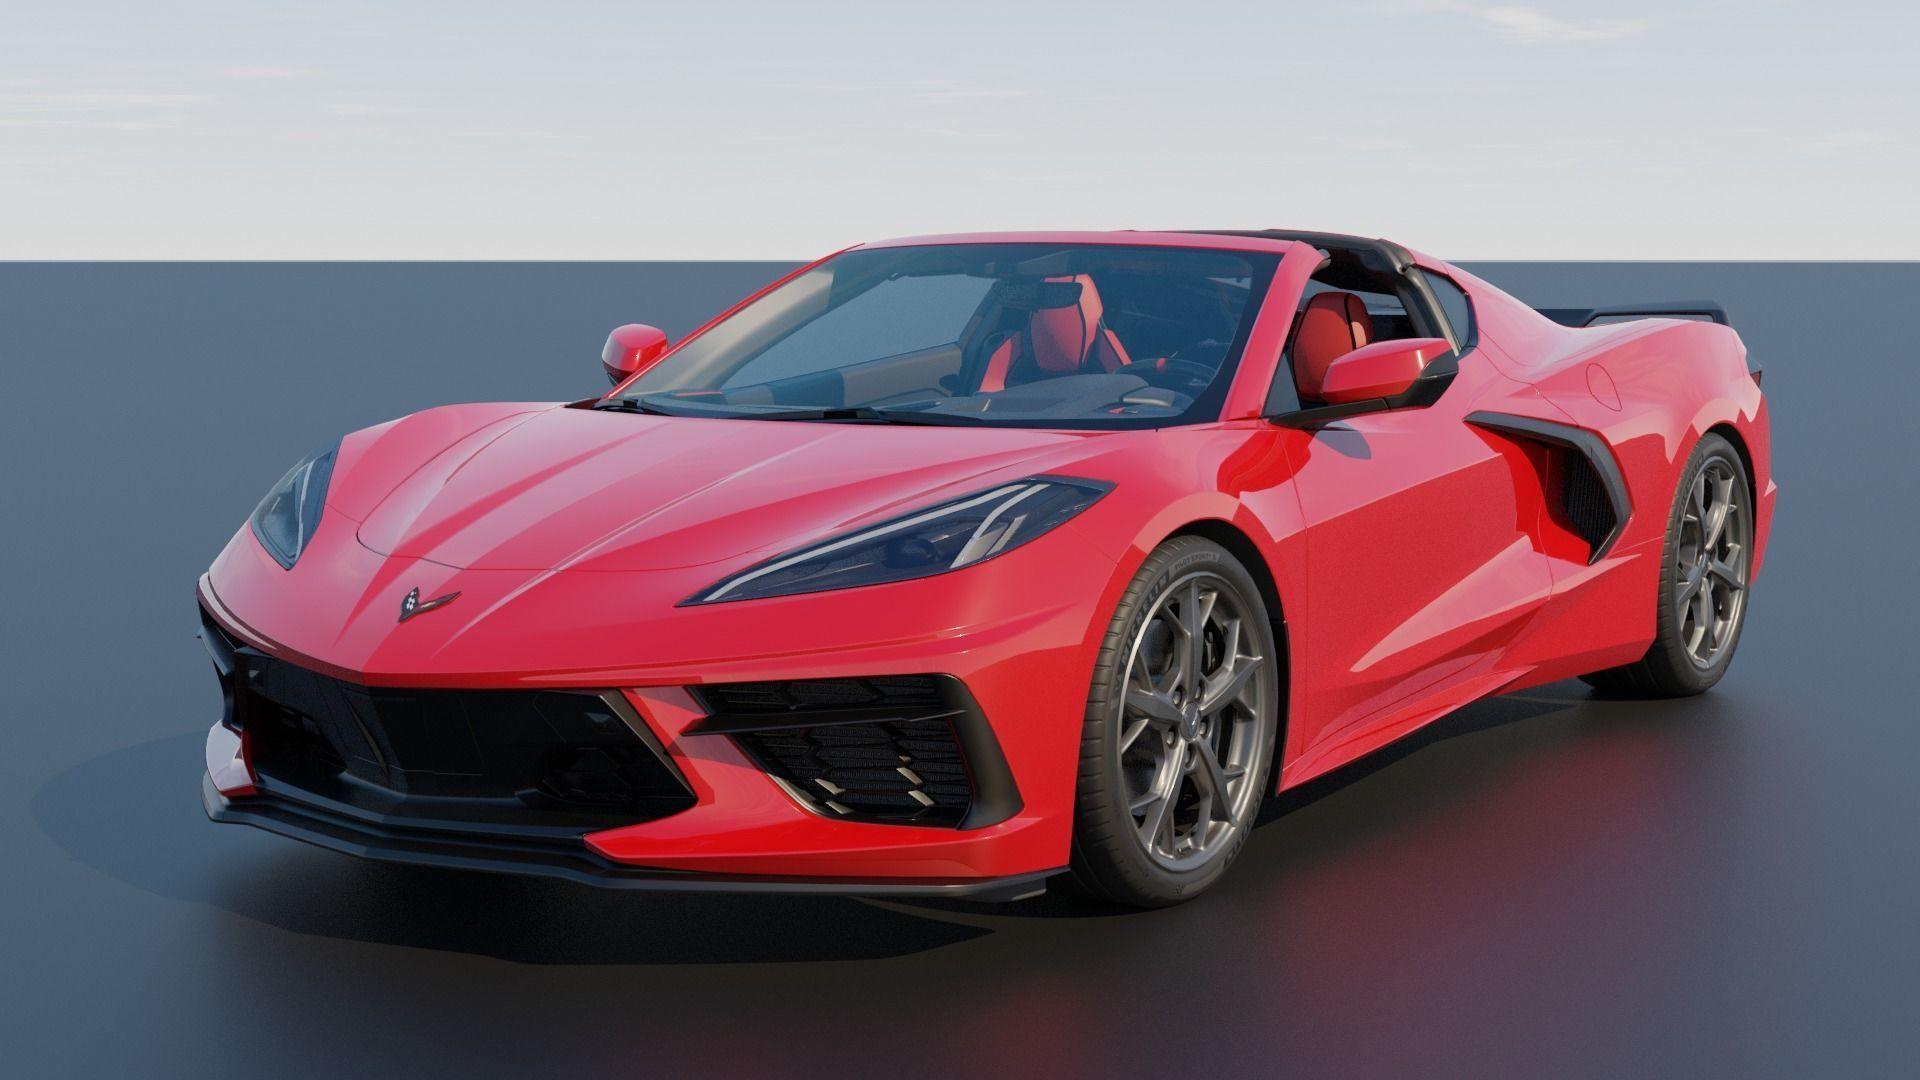 Chevrolet Corvette C8 2020 Stingray outroof 3D model